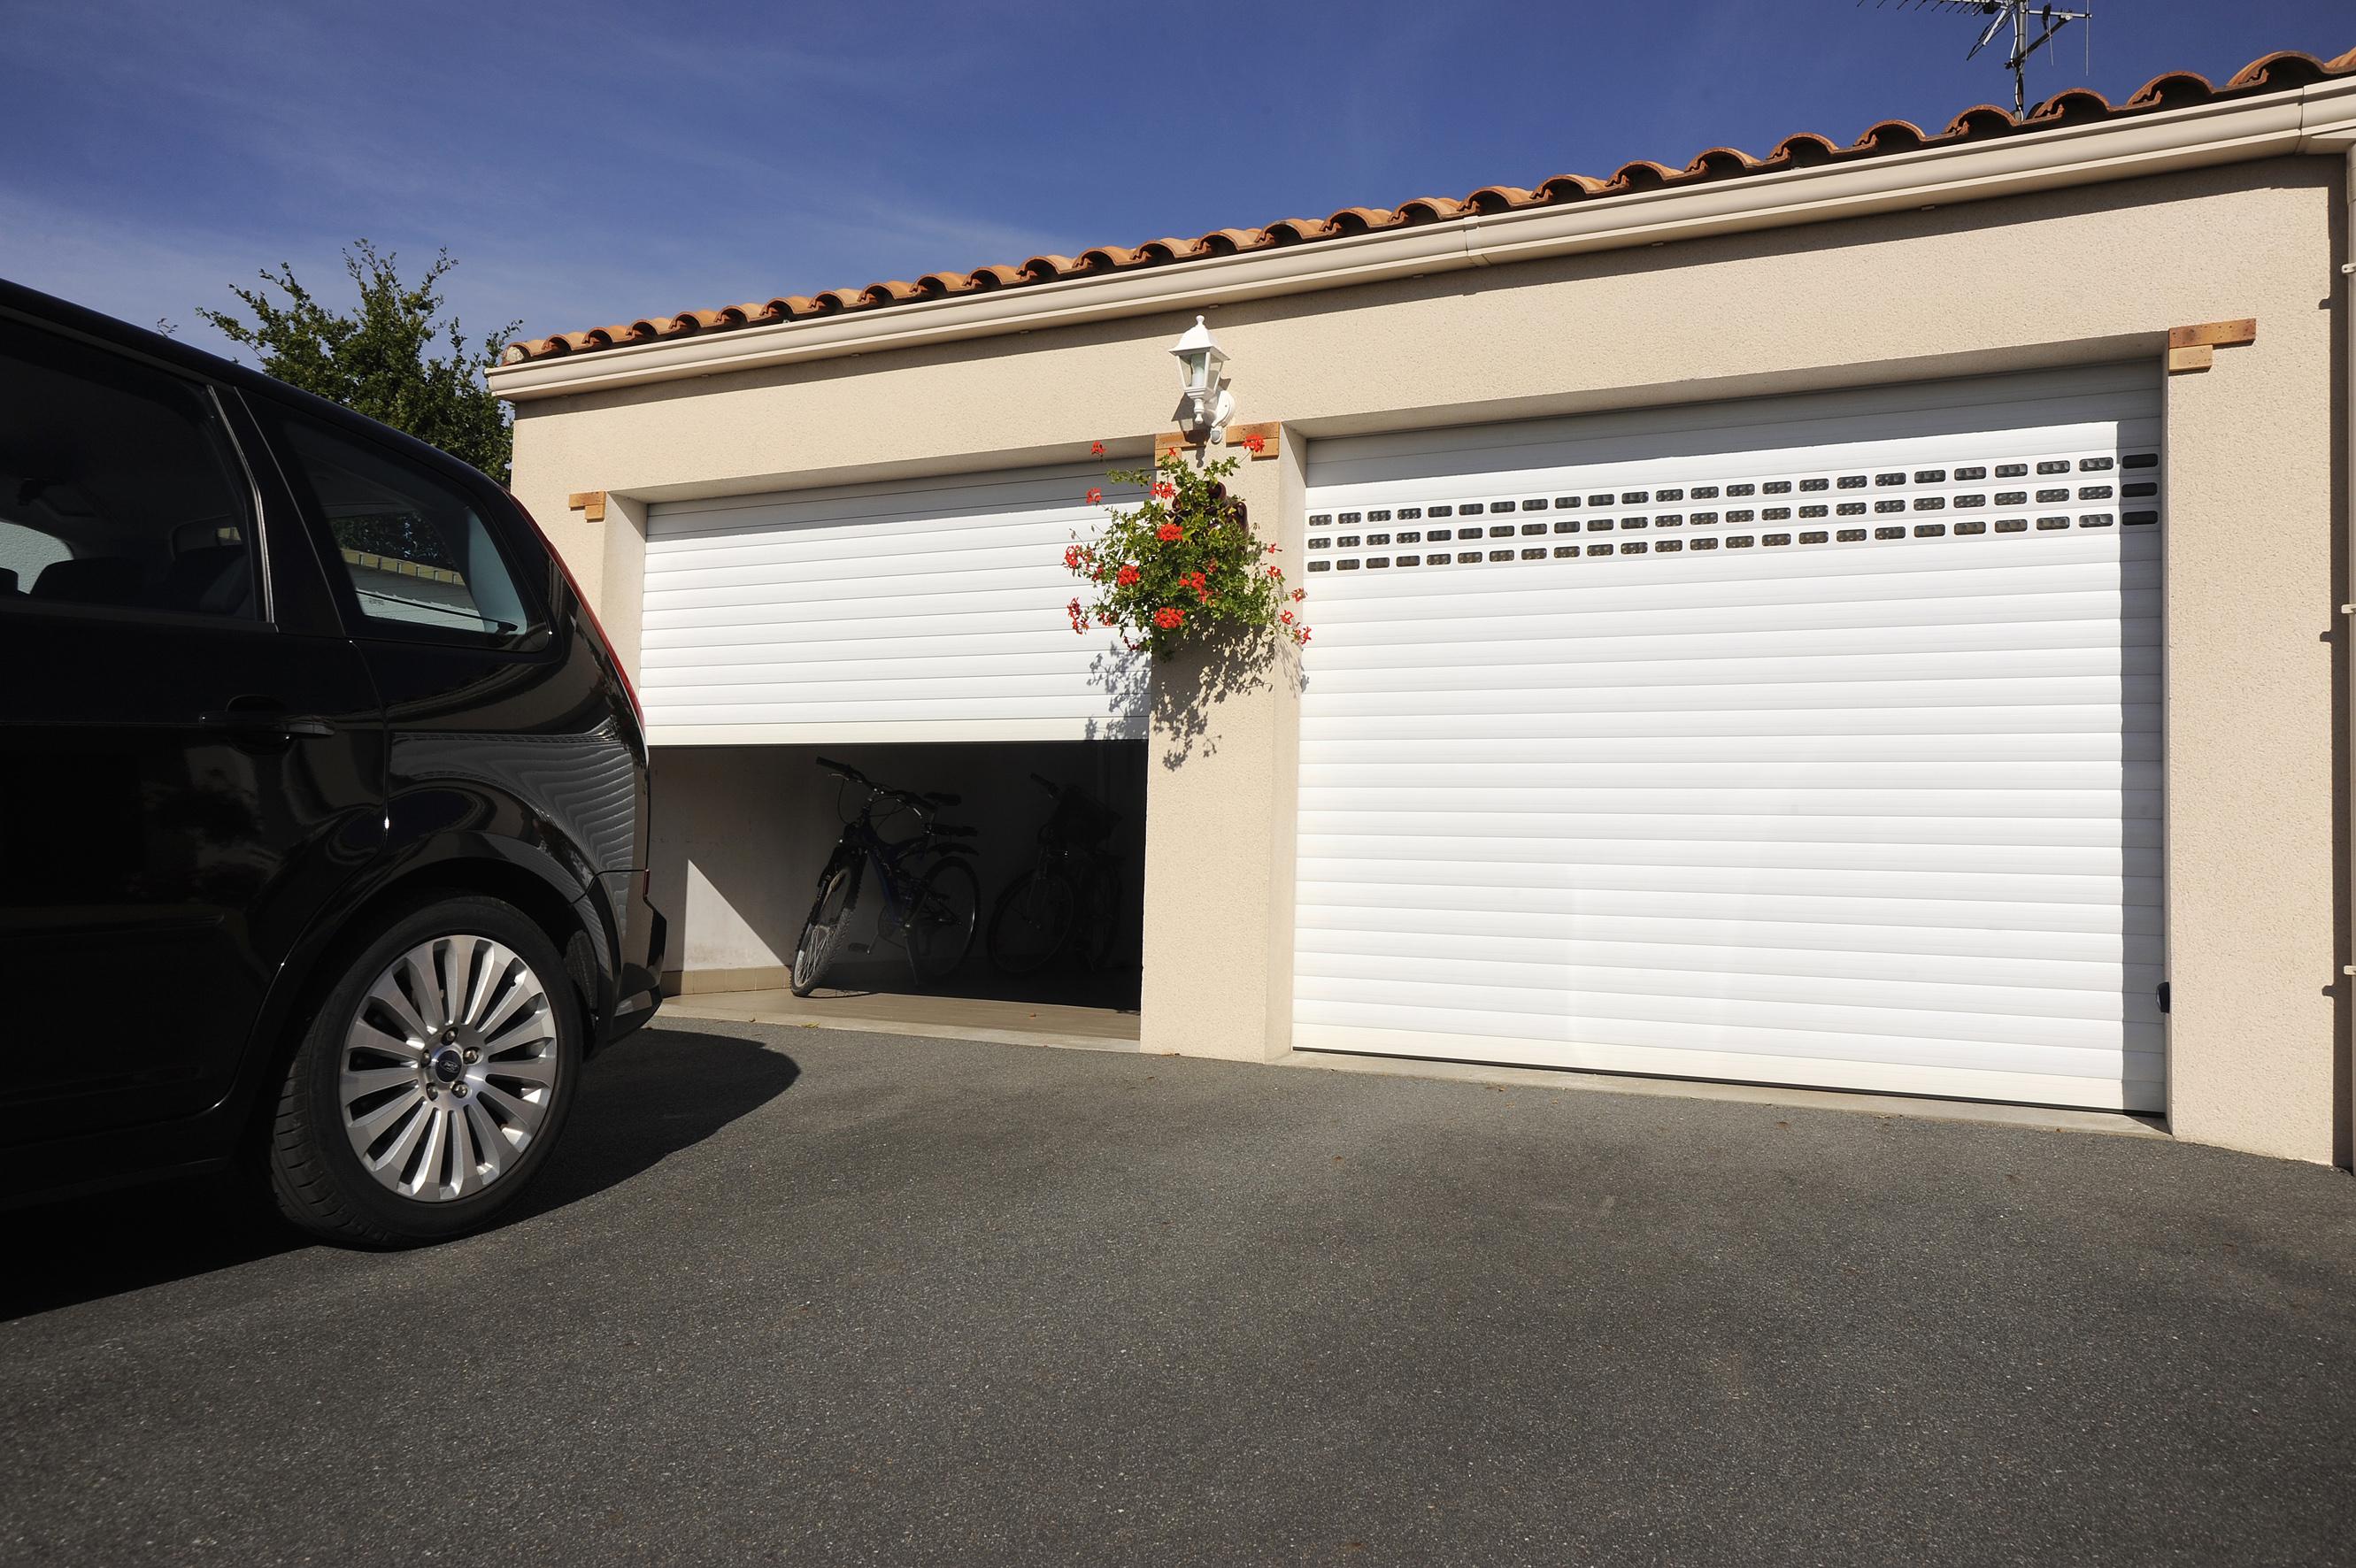 Porte de garage sectionnelle ou enroulable voiron - Porte de garage sectionnelle ou enroulable ...